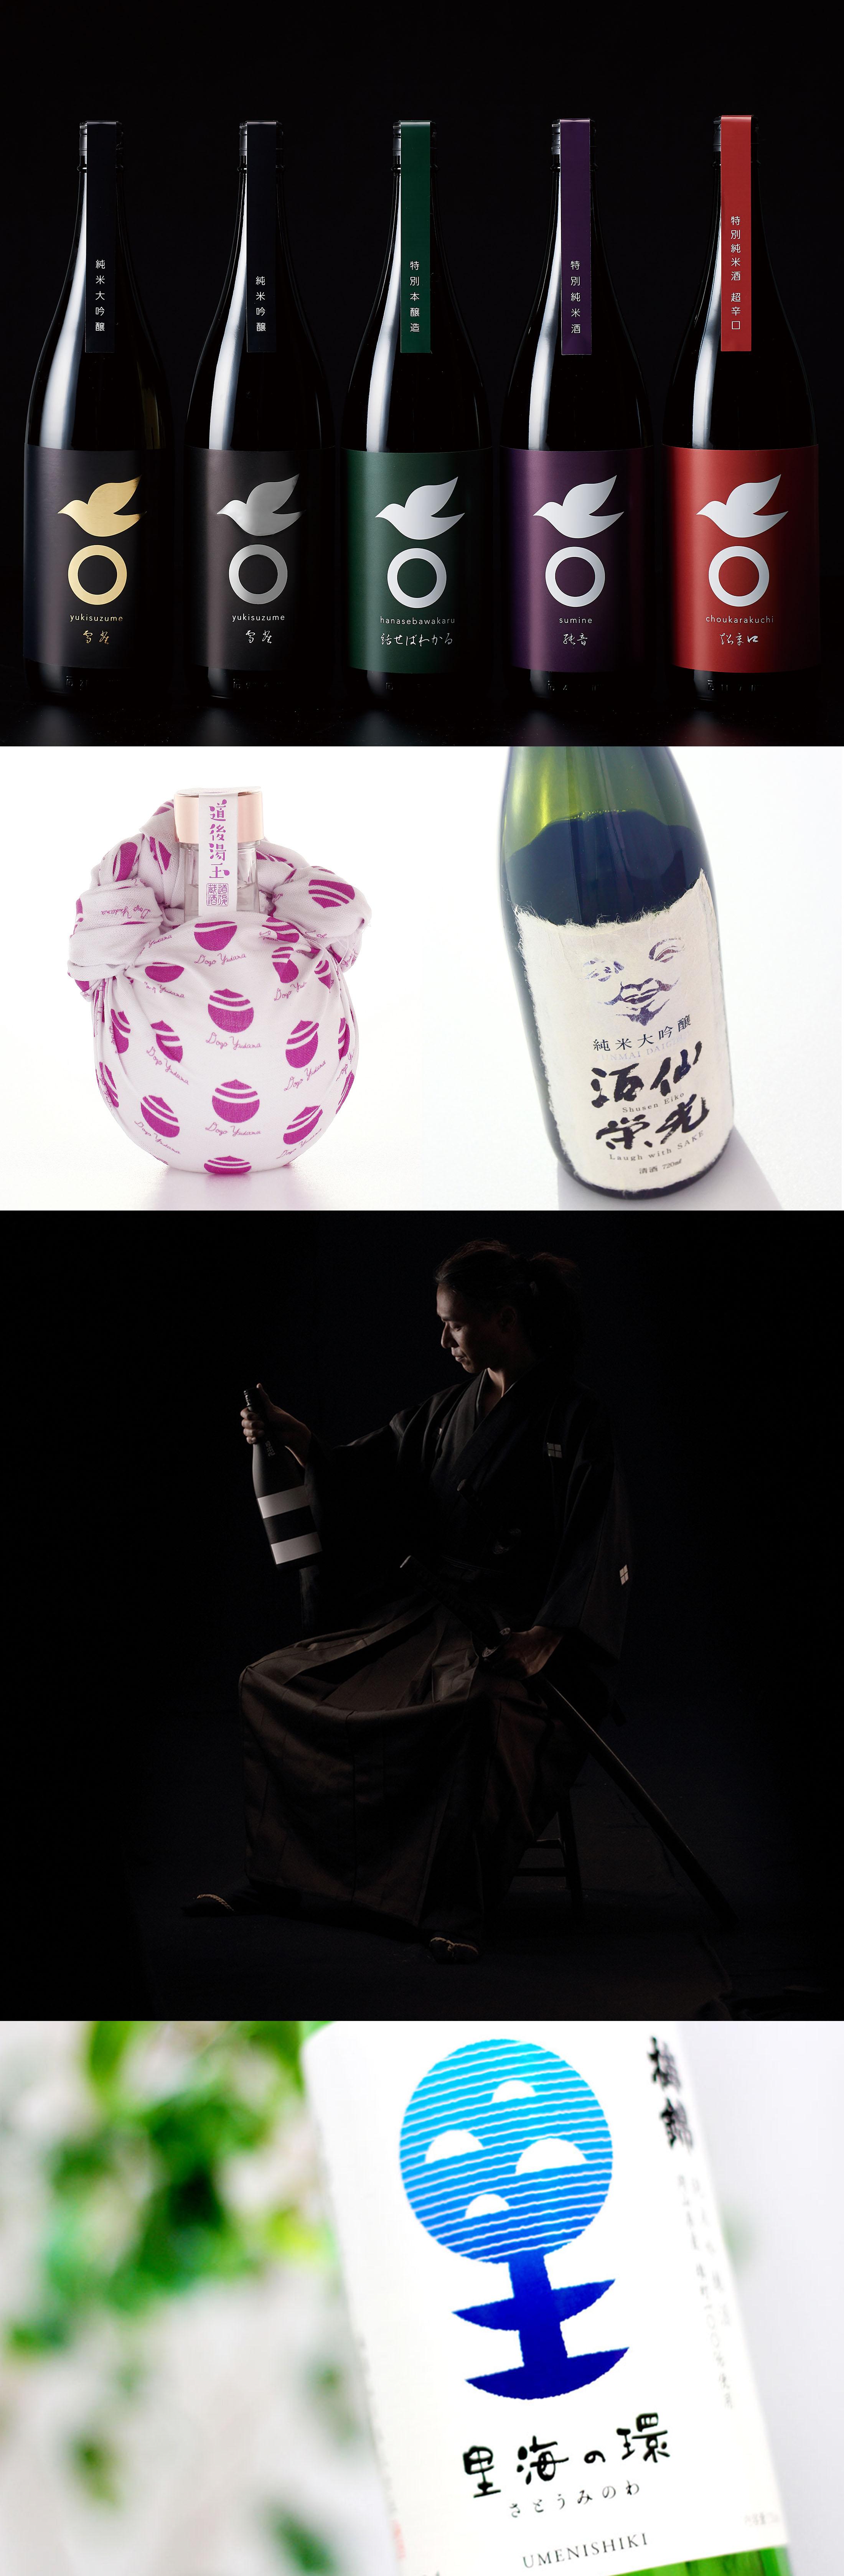 日本酒デザイン